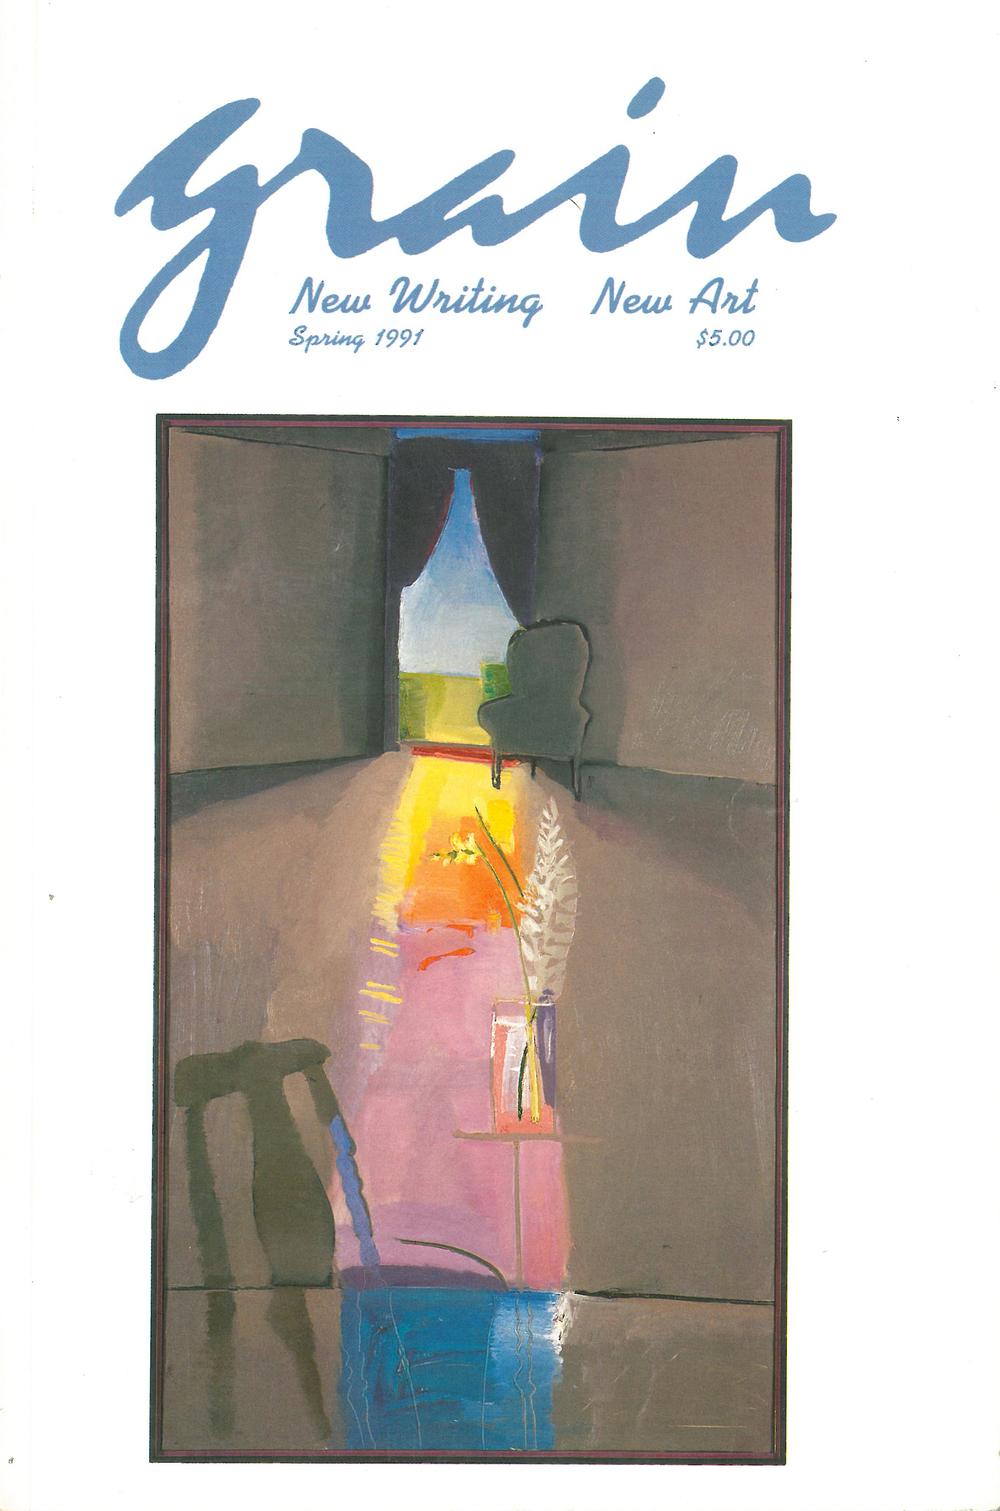 19.1 Spring 1991